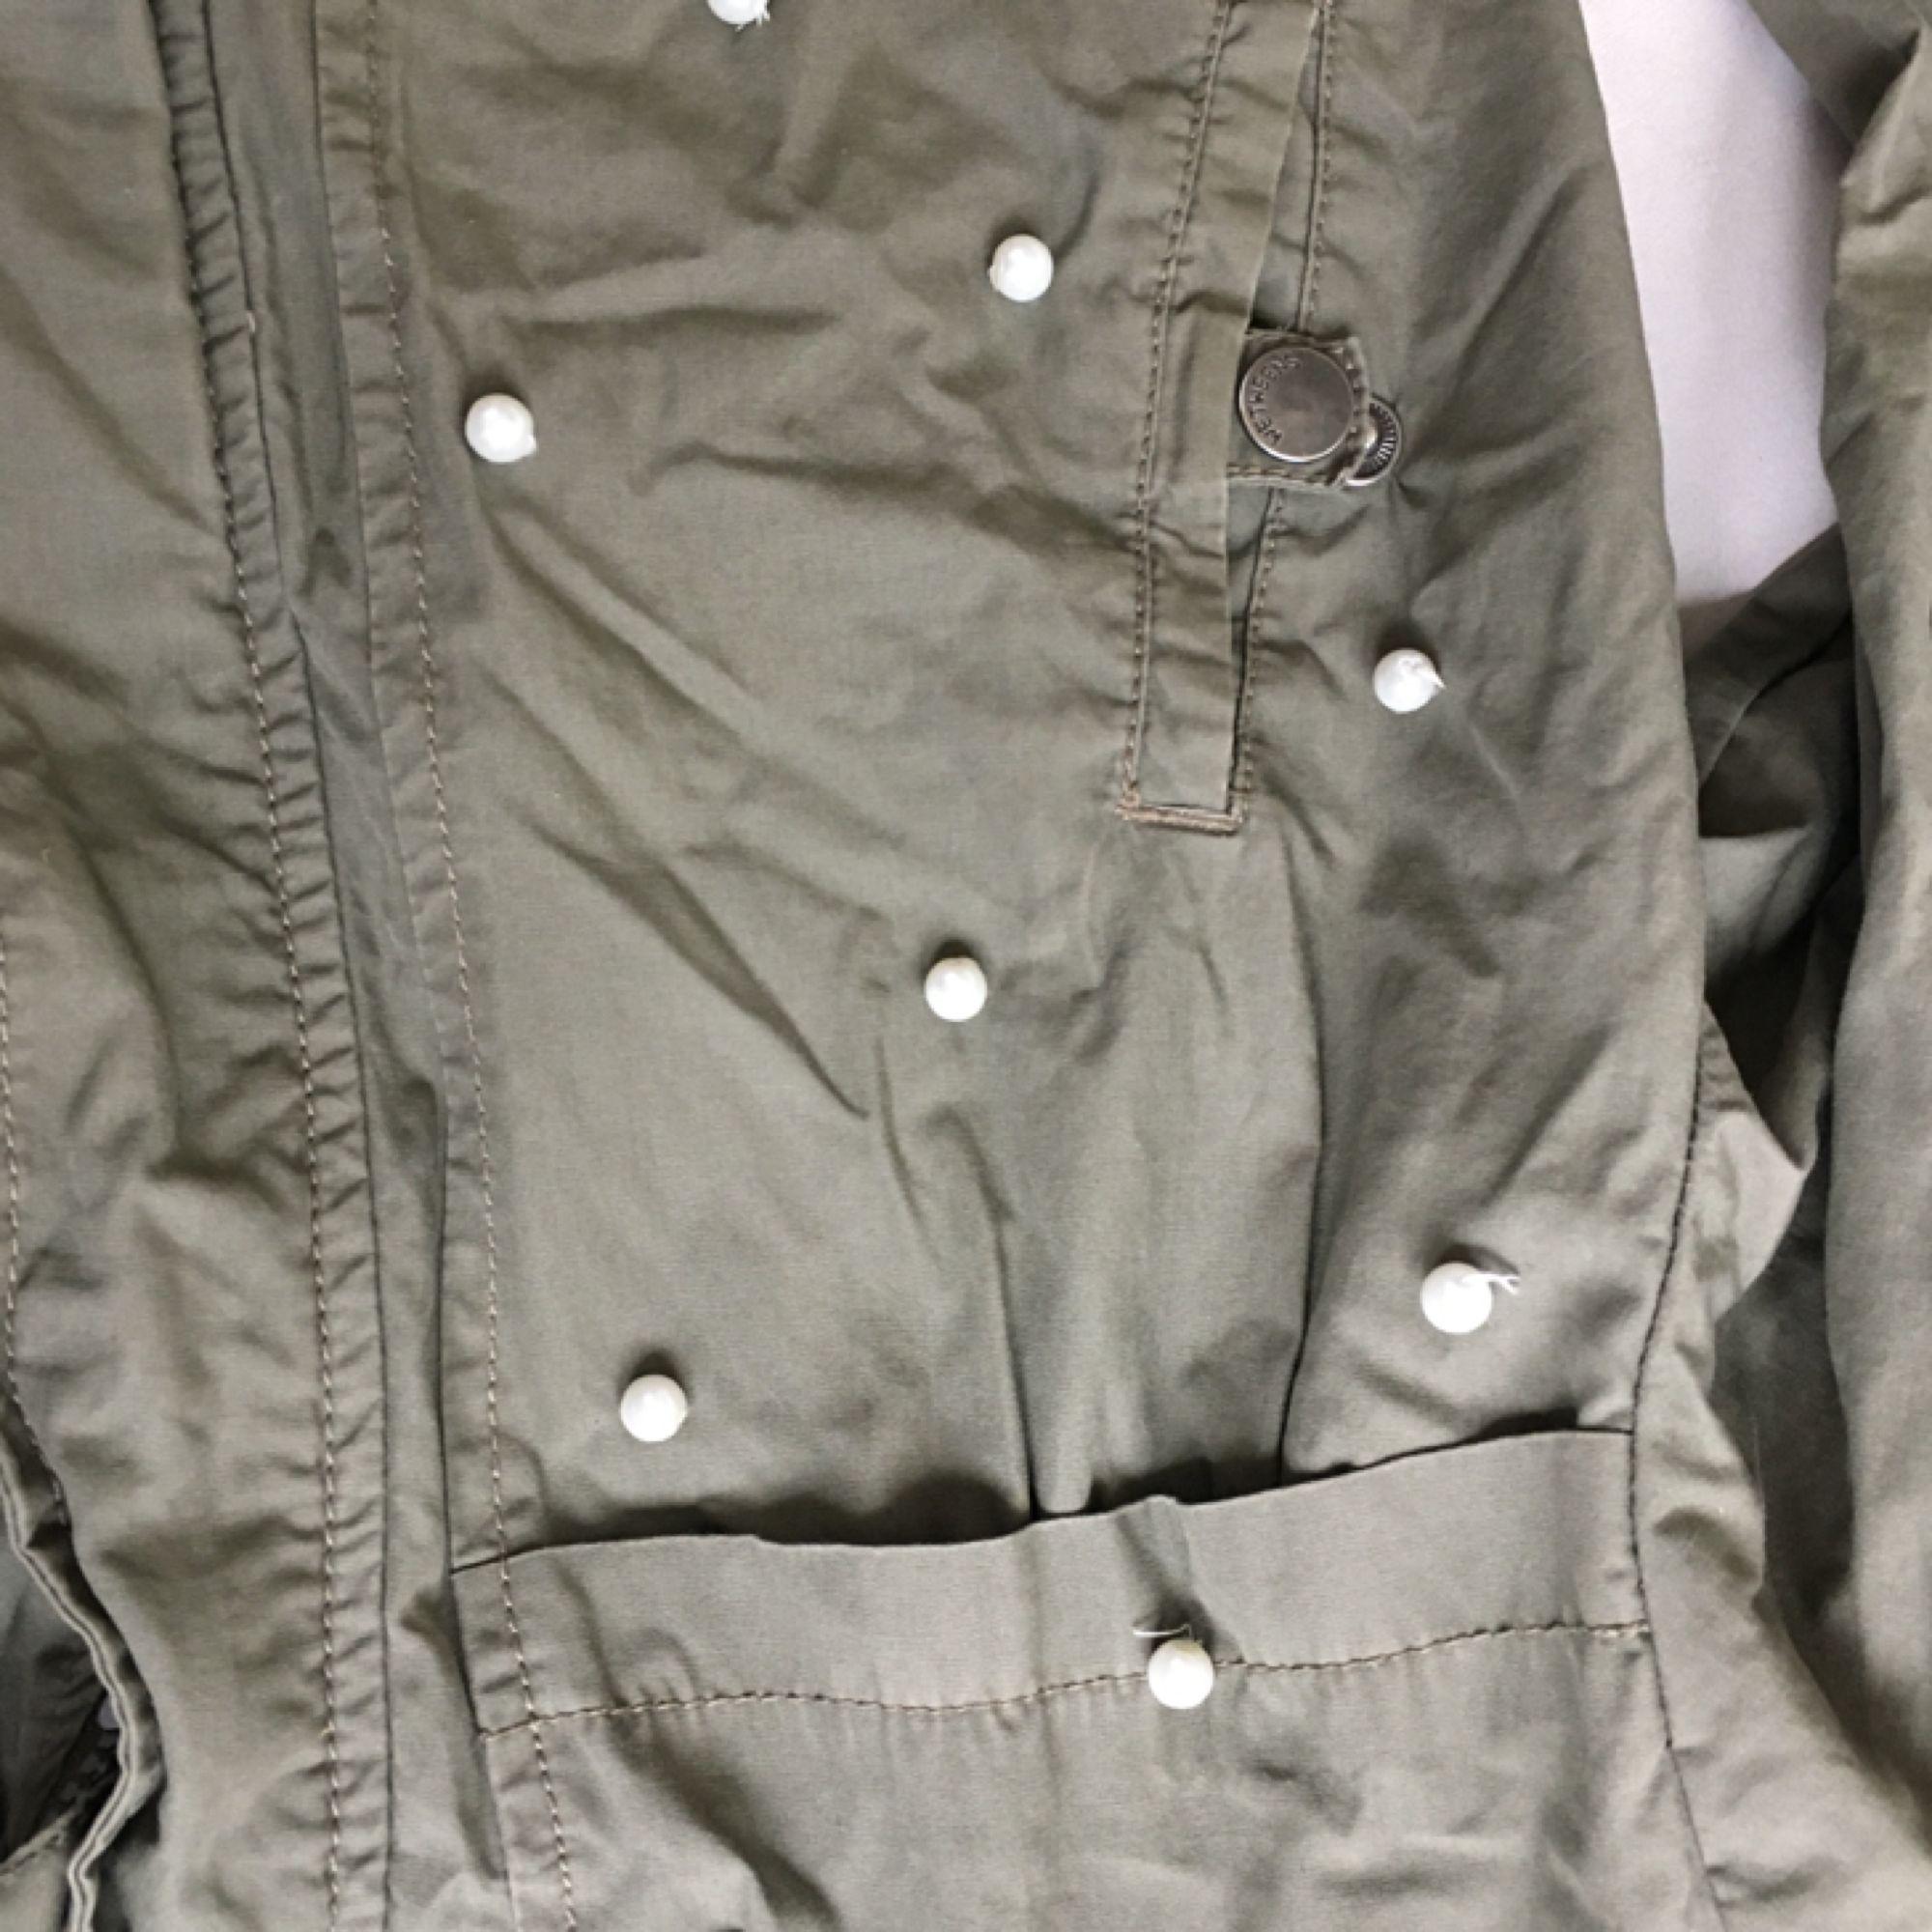 ... Barn militär jacka som är stor nog för en xs S. Påsydda pärlor själv ... 8e58fb226633a